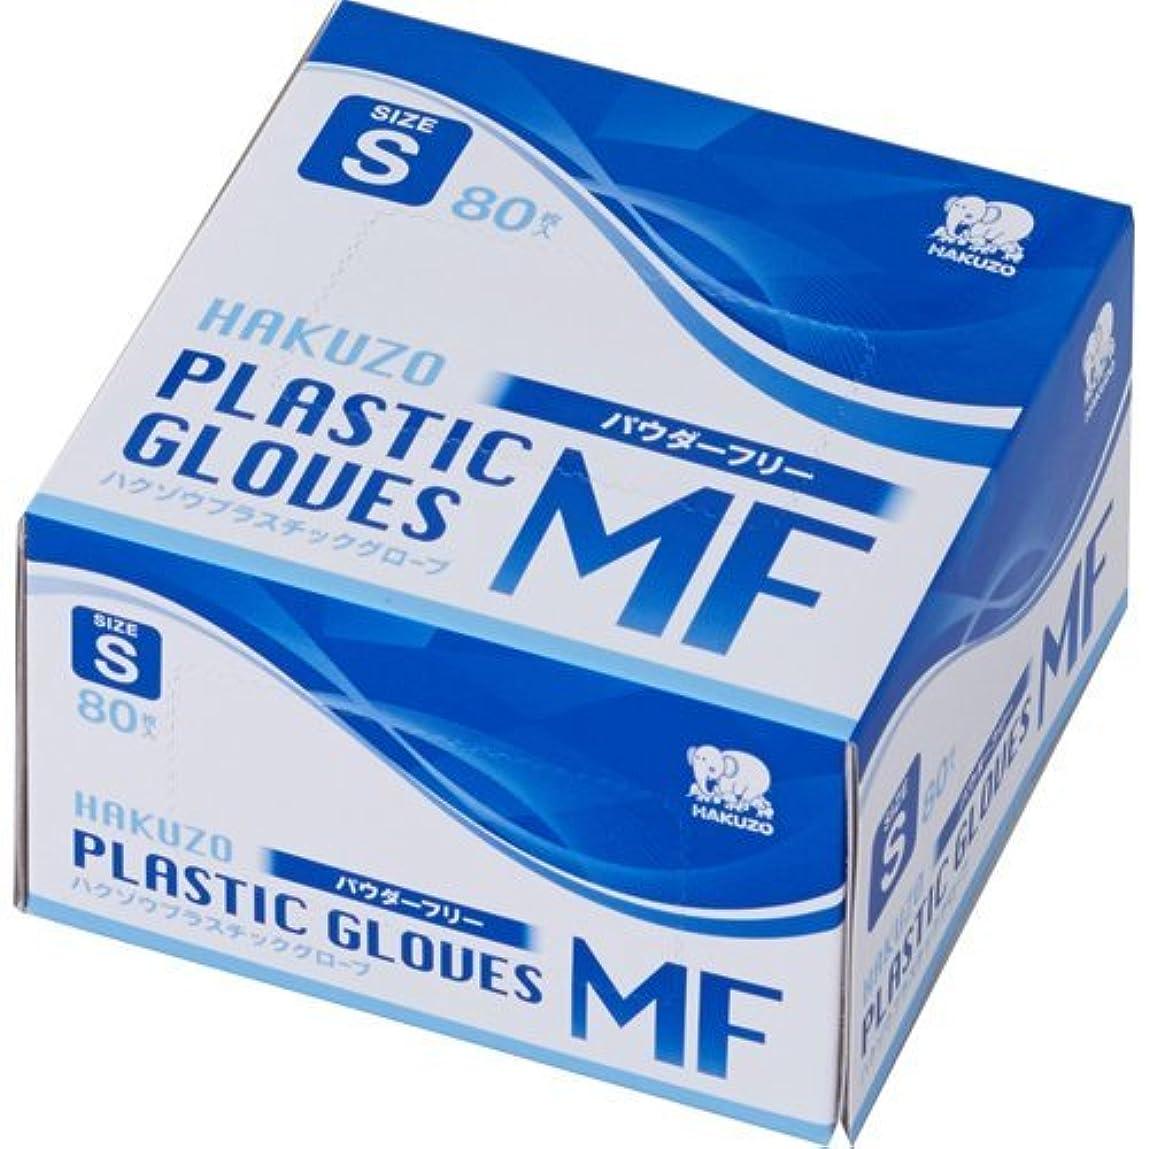 キネマティクス酸化物好奇心盛ハクゾウメディカル ハクゾウ プラスチックグローブMF パウダーフリー Sサイズ 80枚入